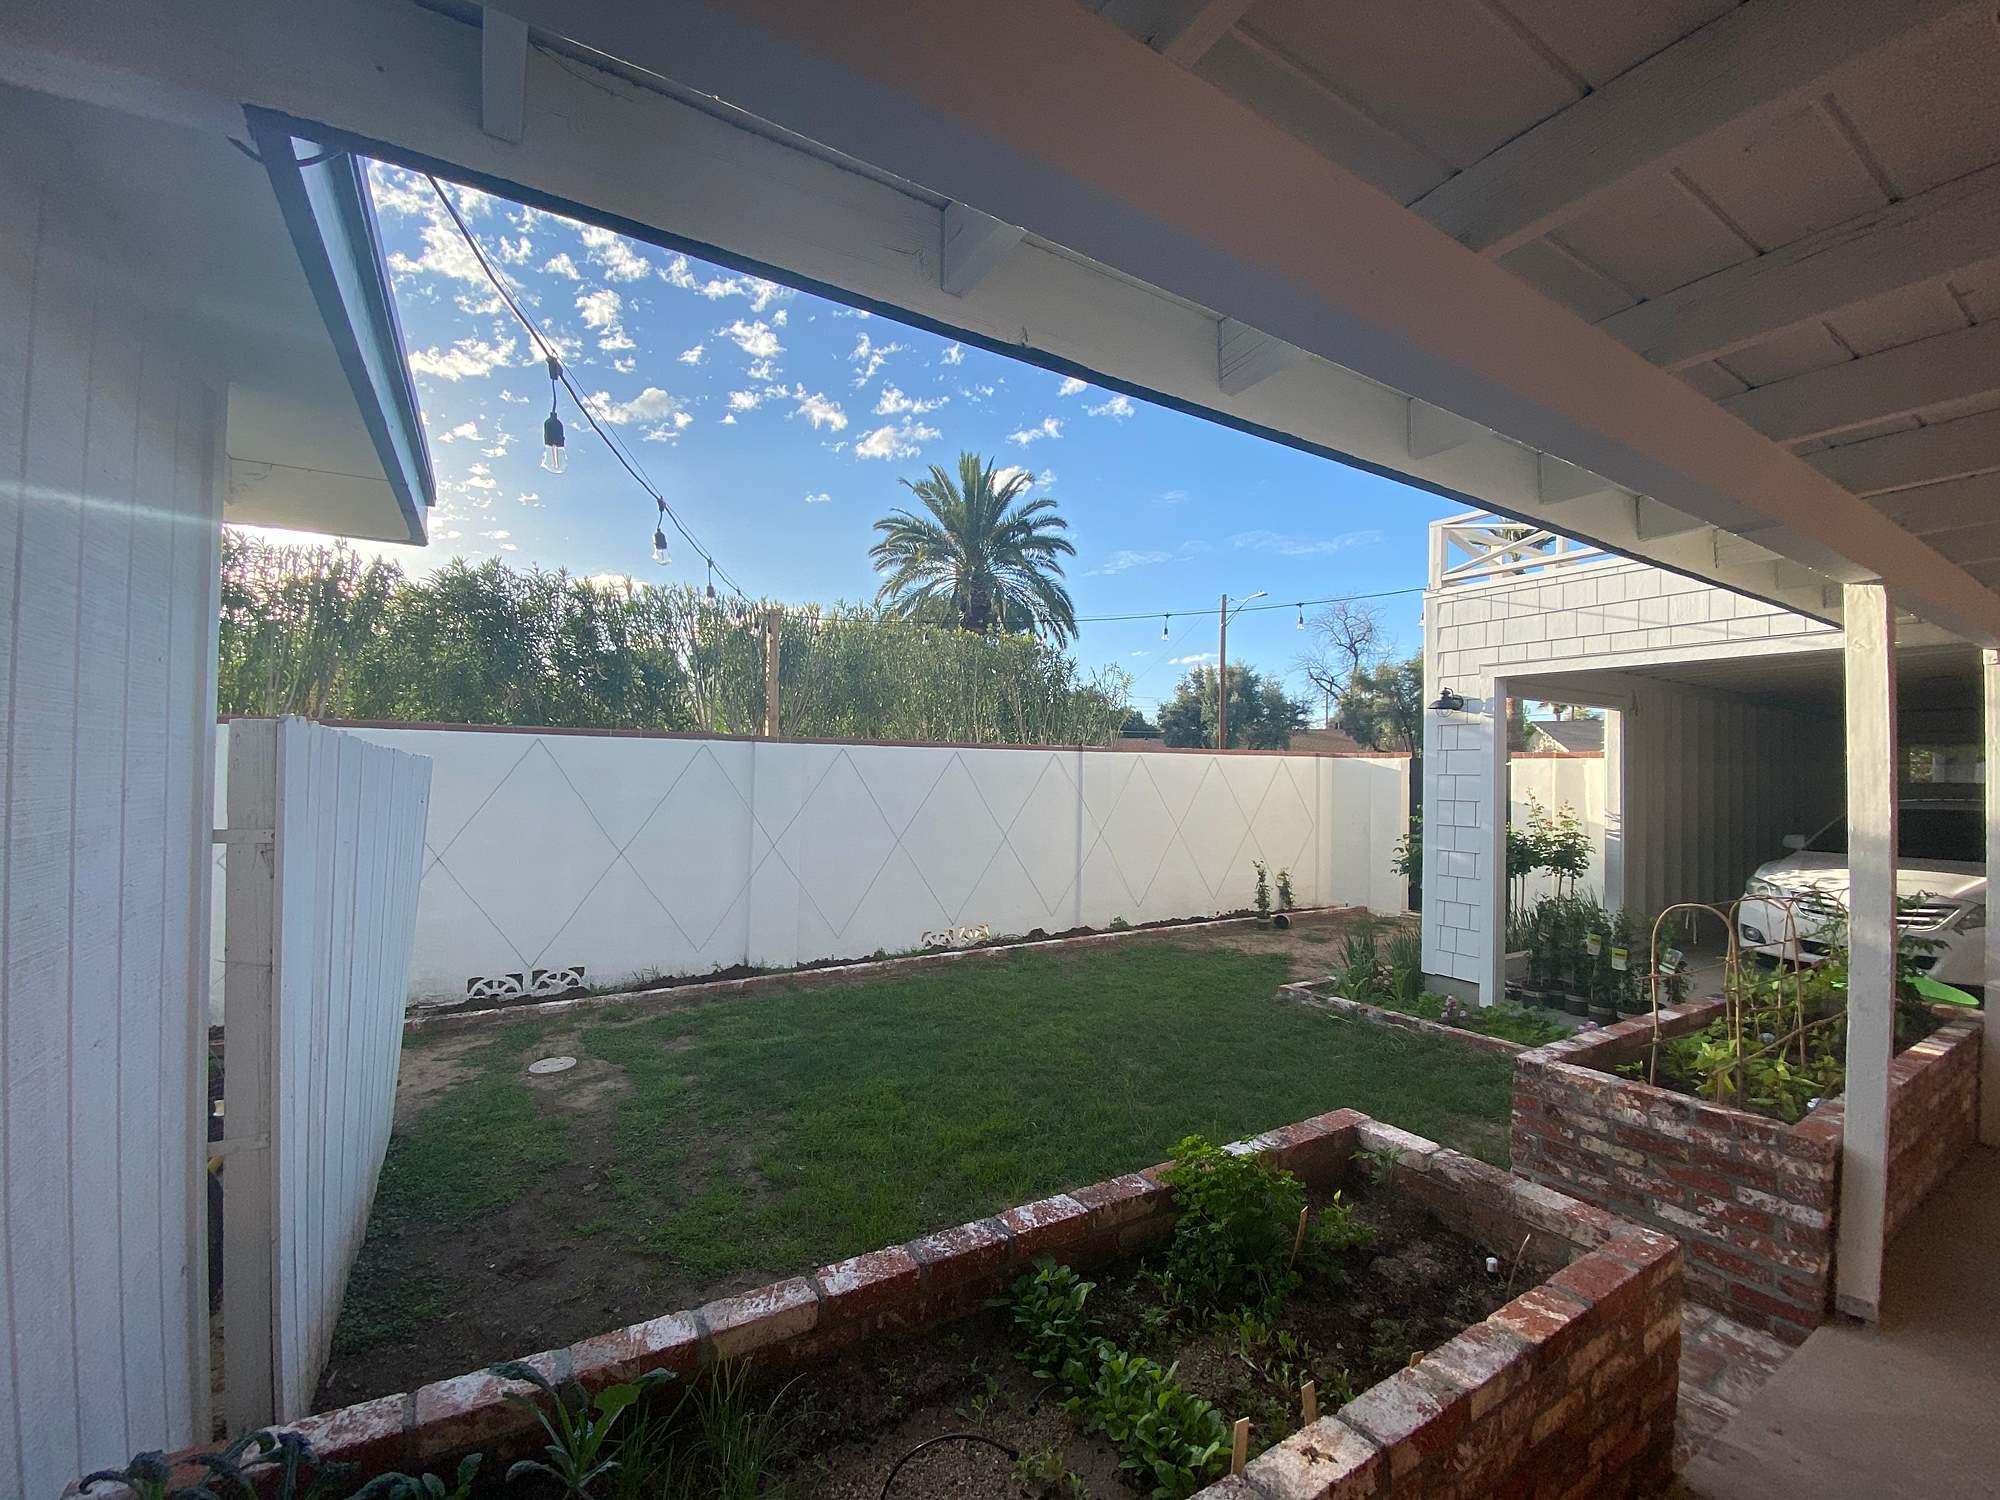 garden area progression see blog post for photos #garden